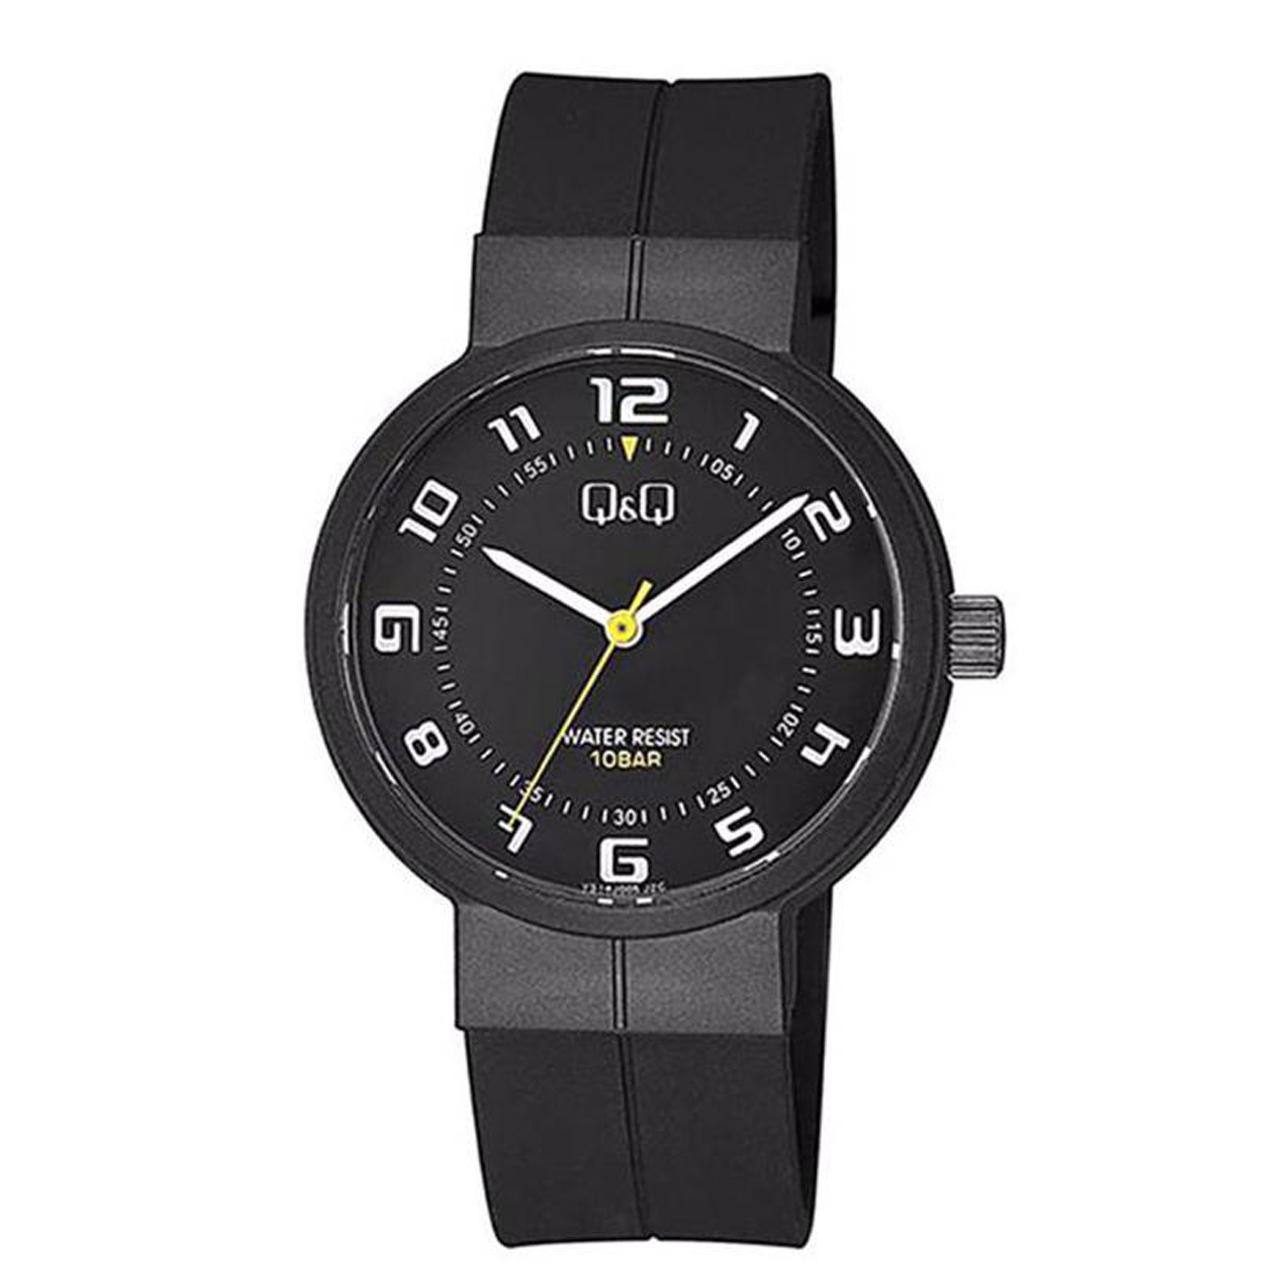 ساعت مچی عقربه ای کیو اند کیو مدل VS14-005              خرید (⭐️⭐️⭐️)